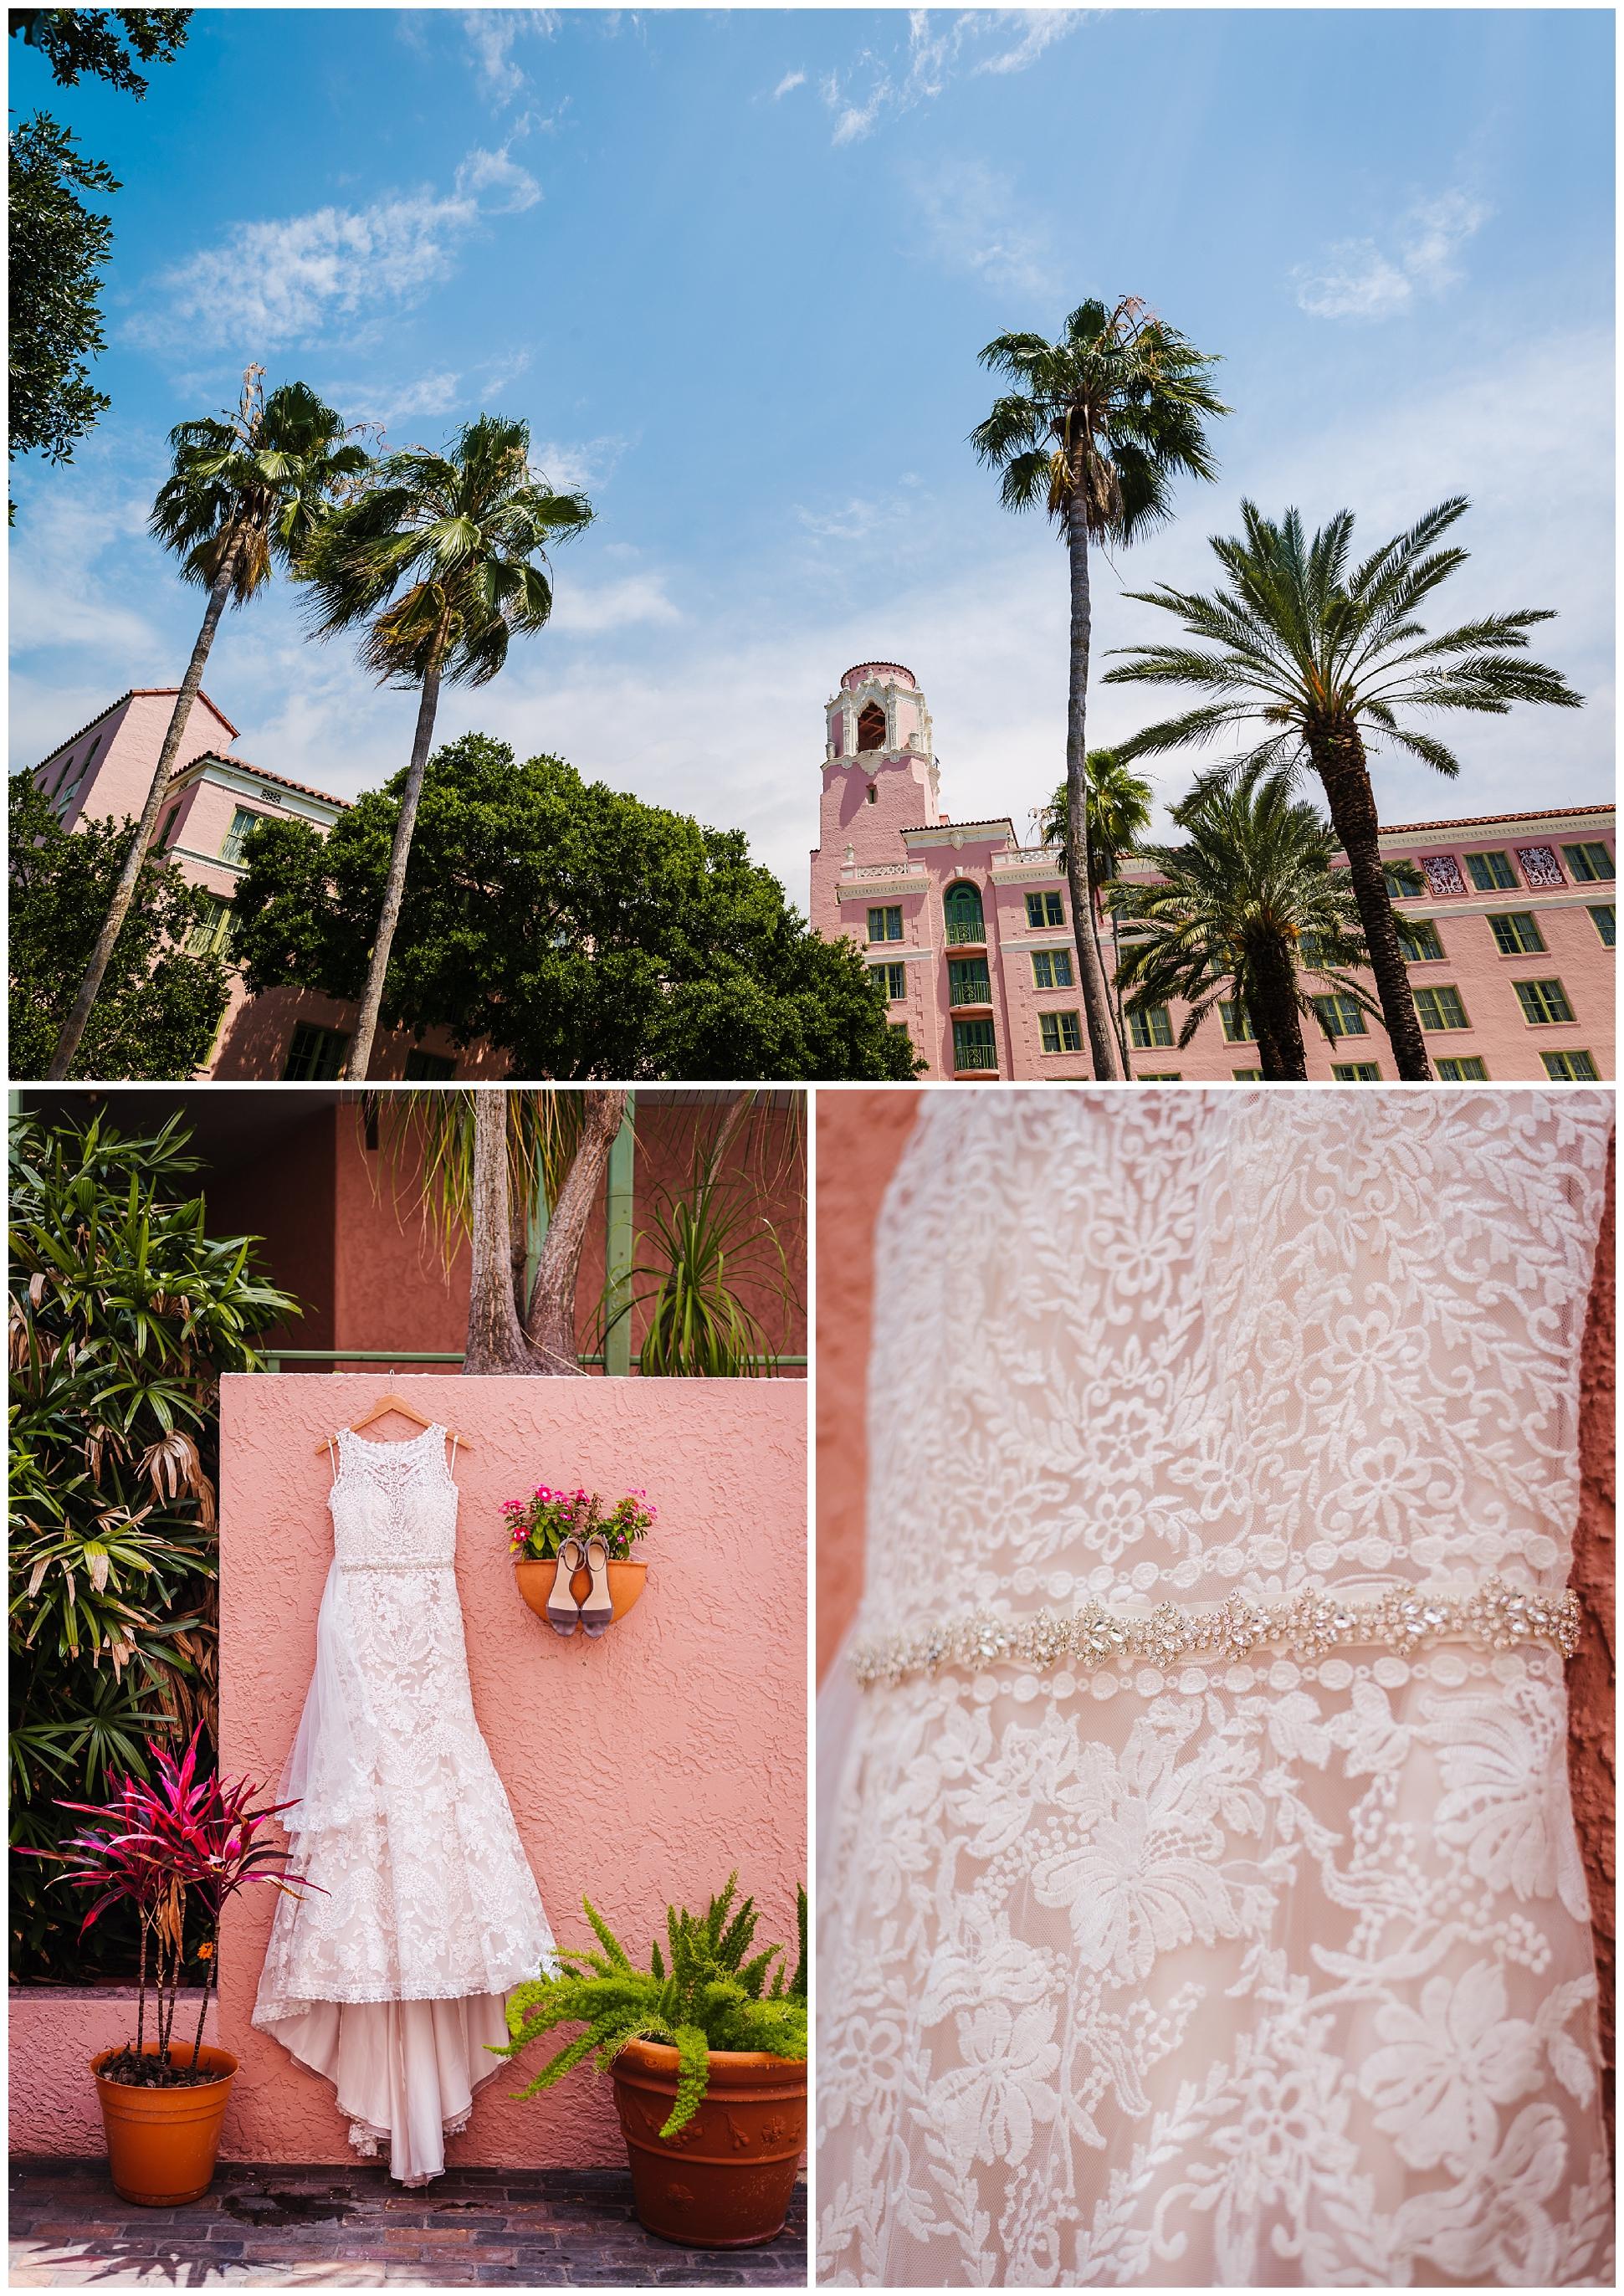 st-pete-wedding-photographer-nova-535-murals-downtown-lavendar_0001.jpg